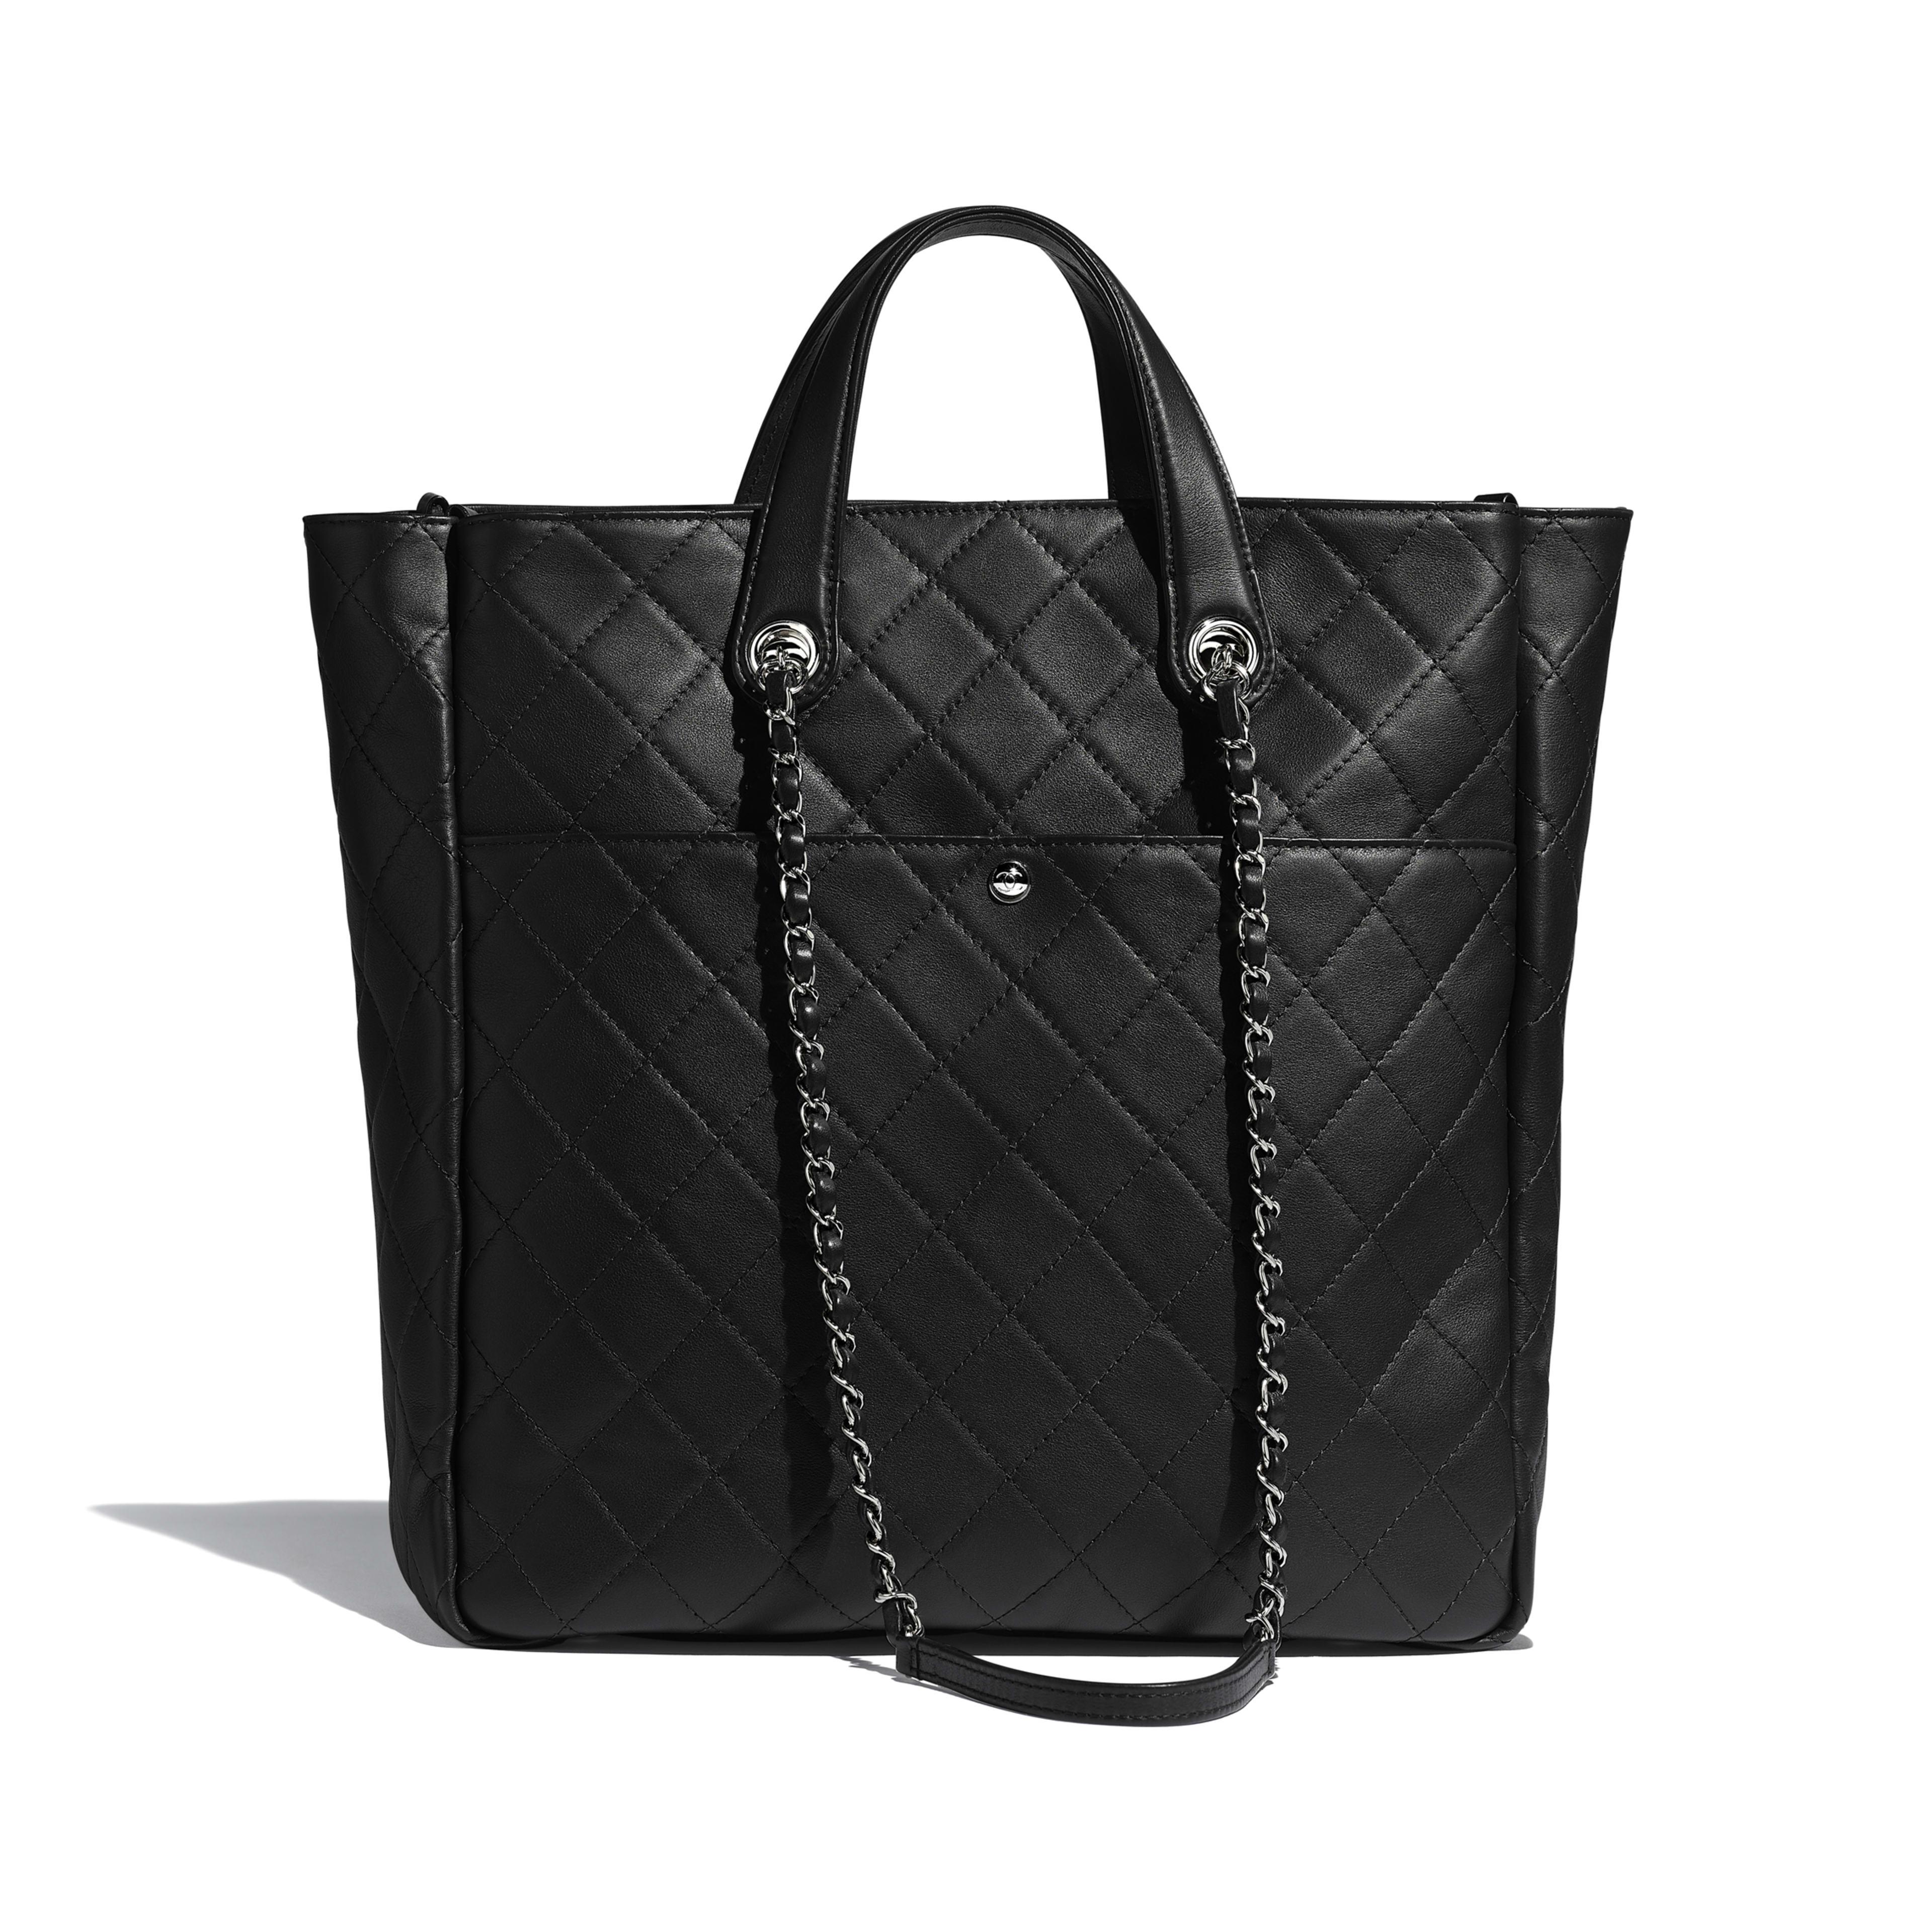 กระเป๋าช้อปปิ้งโท้ทใบใหญ่ตกแต่งซิป - สีดำ - หนังลูกวัวและโลหะสีเงิน - มุมมองทางอื่น - ดูเวอร์ชันขนาดเต็ม